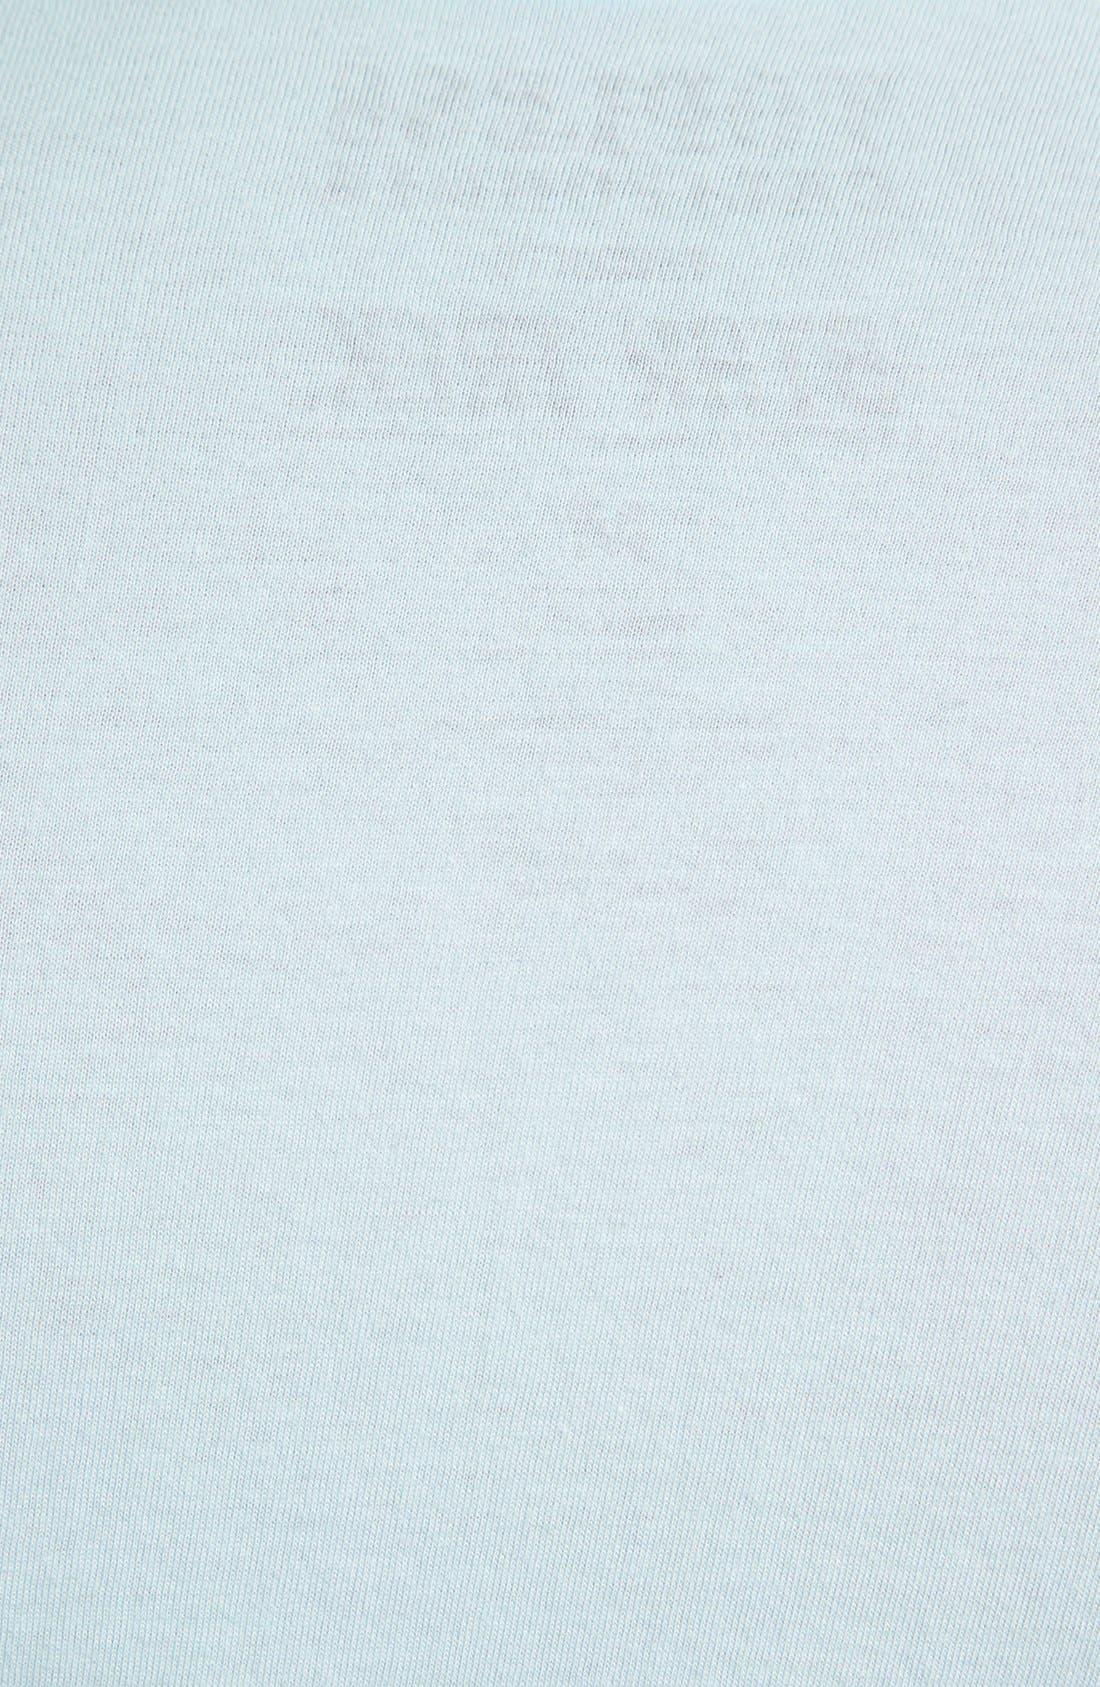 Alternate Image 3  - Topless 'Star Trek' T-Shirt